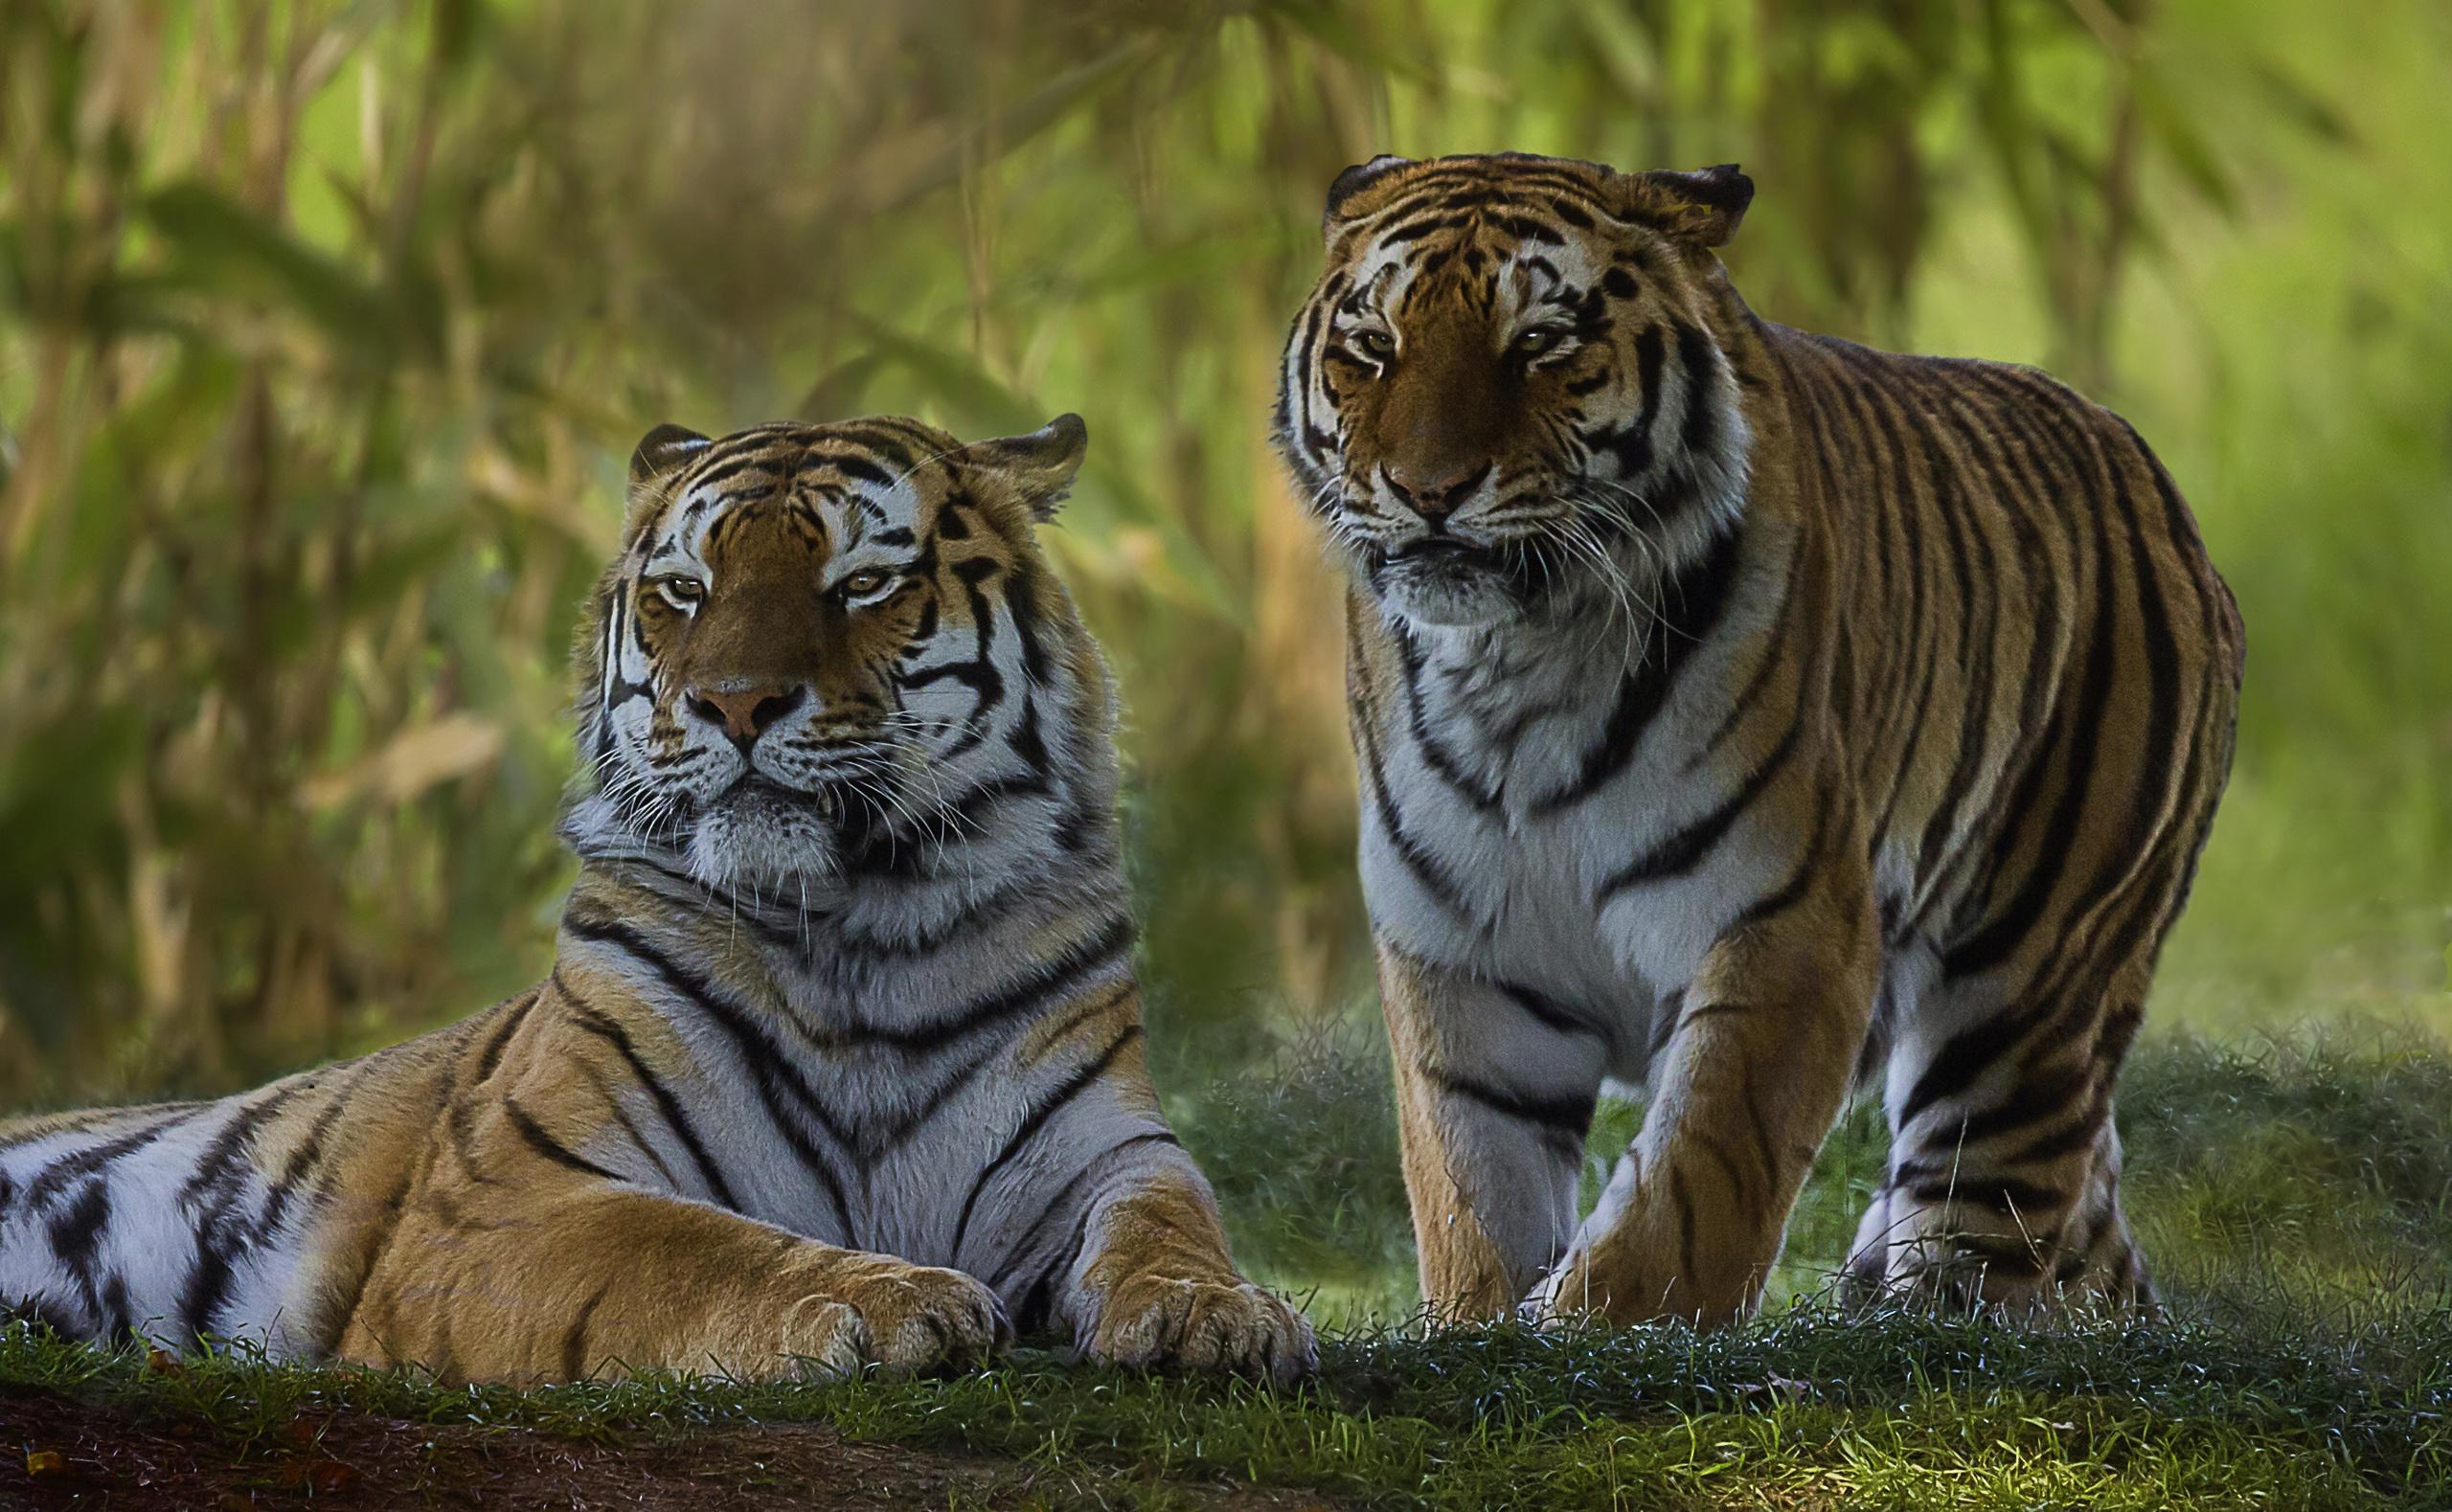 Картинка пара тигров